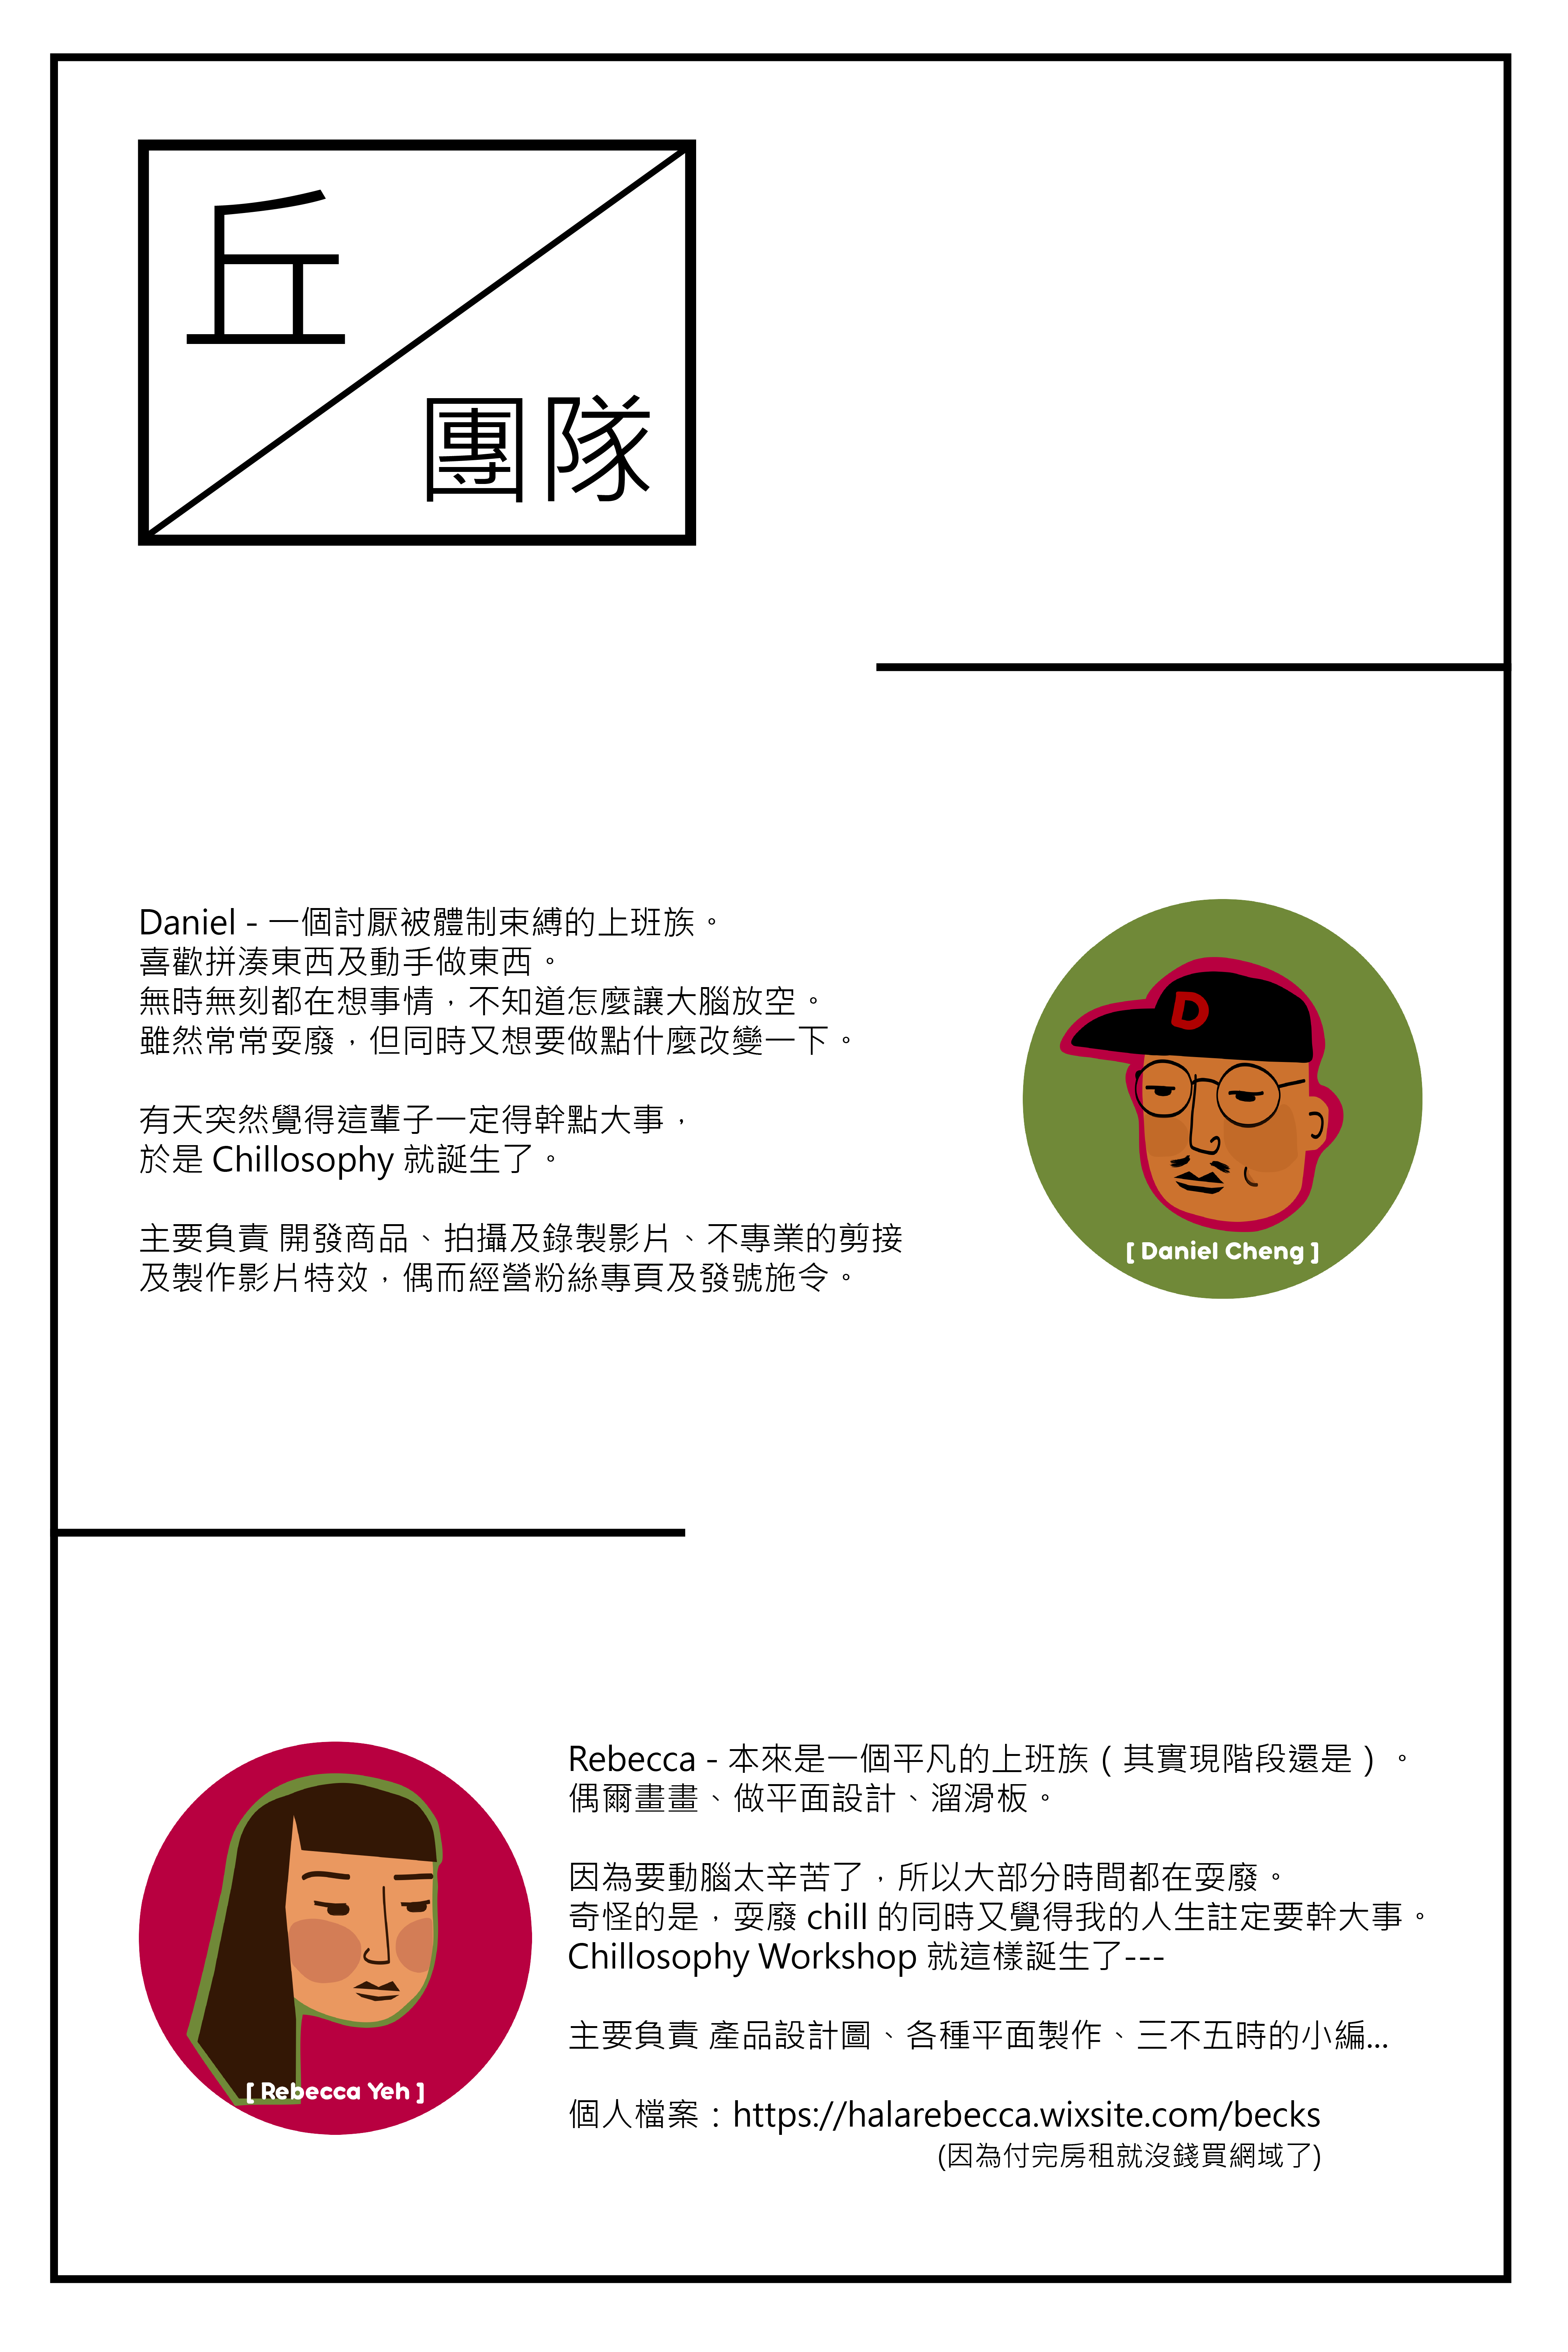 關於丘團隊。Daniel 和 Rebecca 是丘哲學的創始成員。希望能藉由丘哲學,為大家一成不變的生活,帶來一點 Chill 的生活態度。